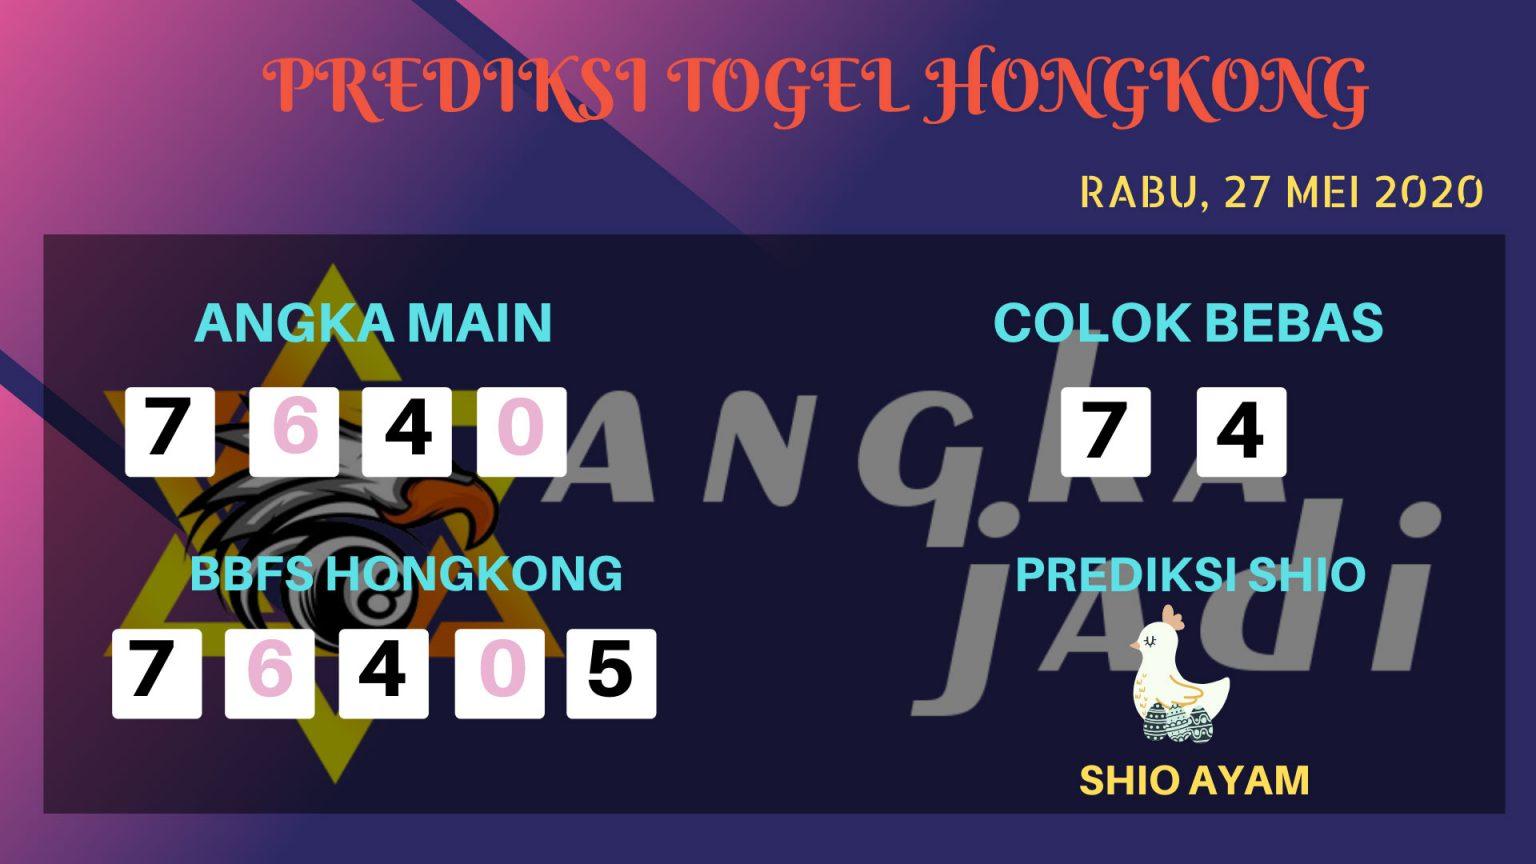 Prediksi Togel Hongkong Rabu 27 Mei 2020 - Bocoran HK